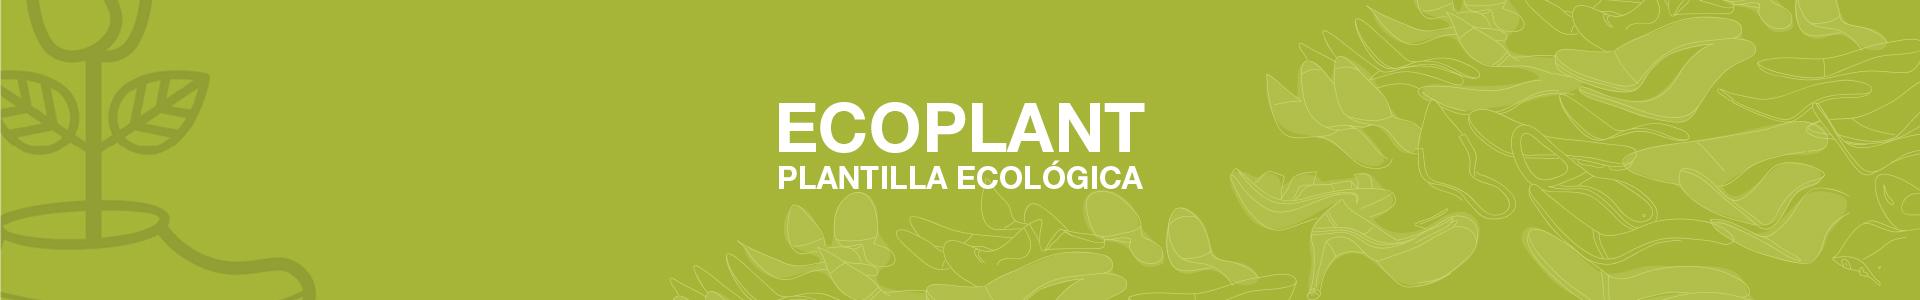 plantilla ecológica ecoplant